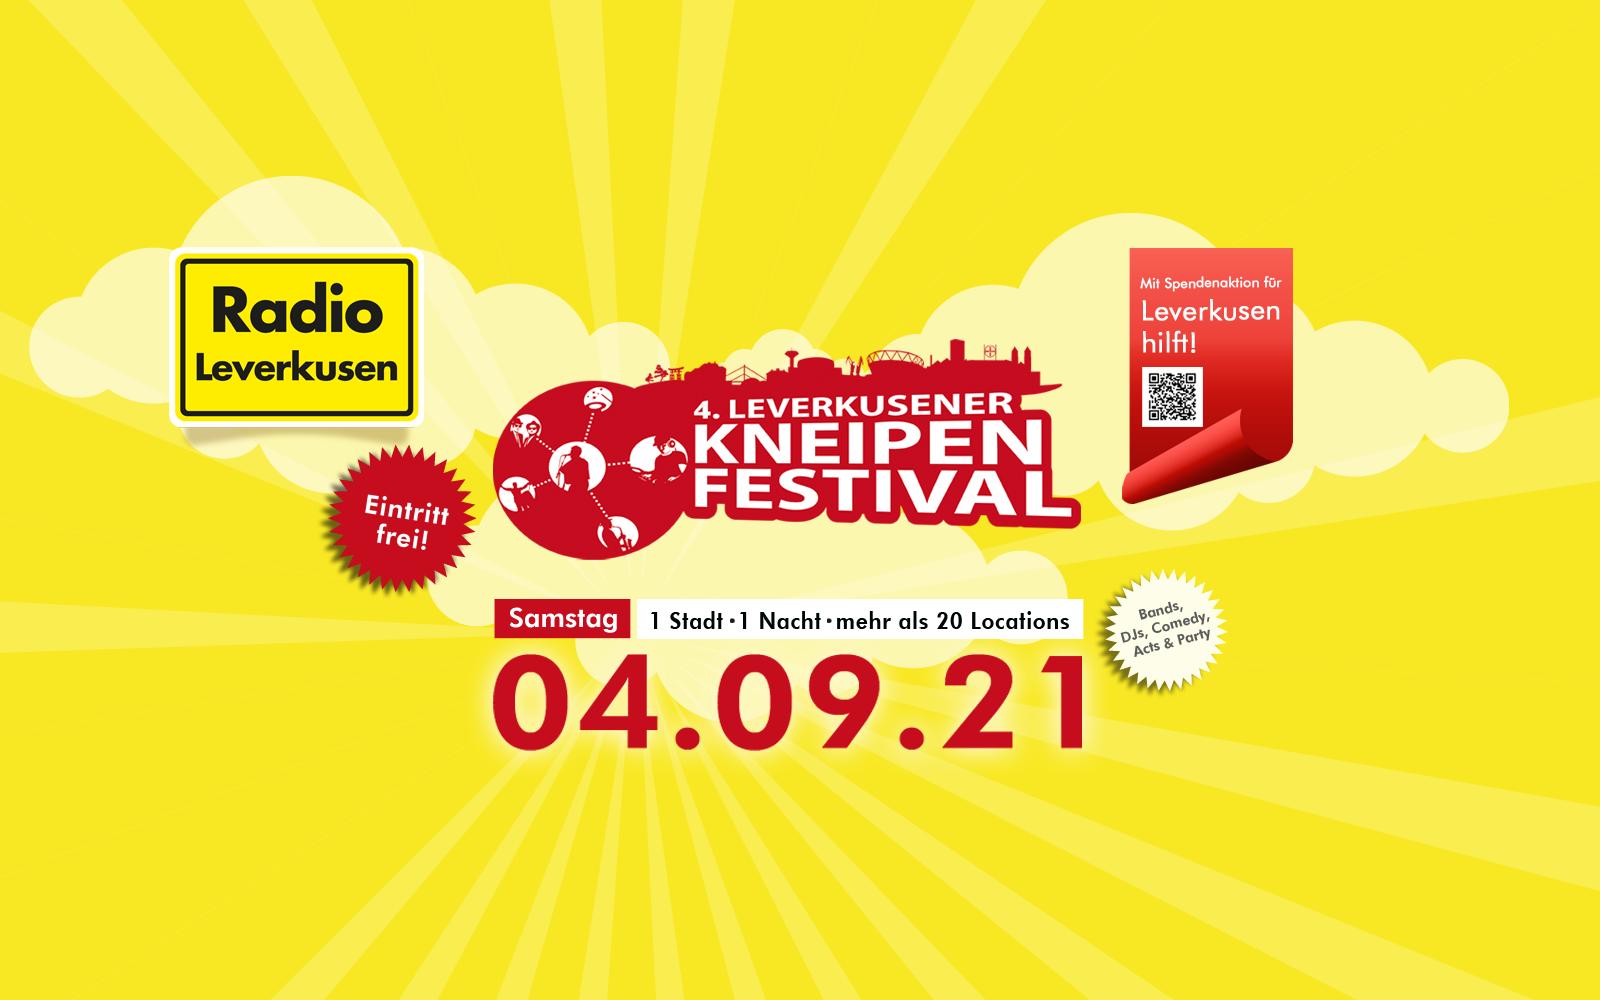 Leverkusener Kneipenfestival